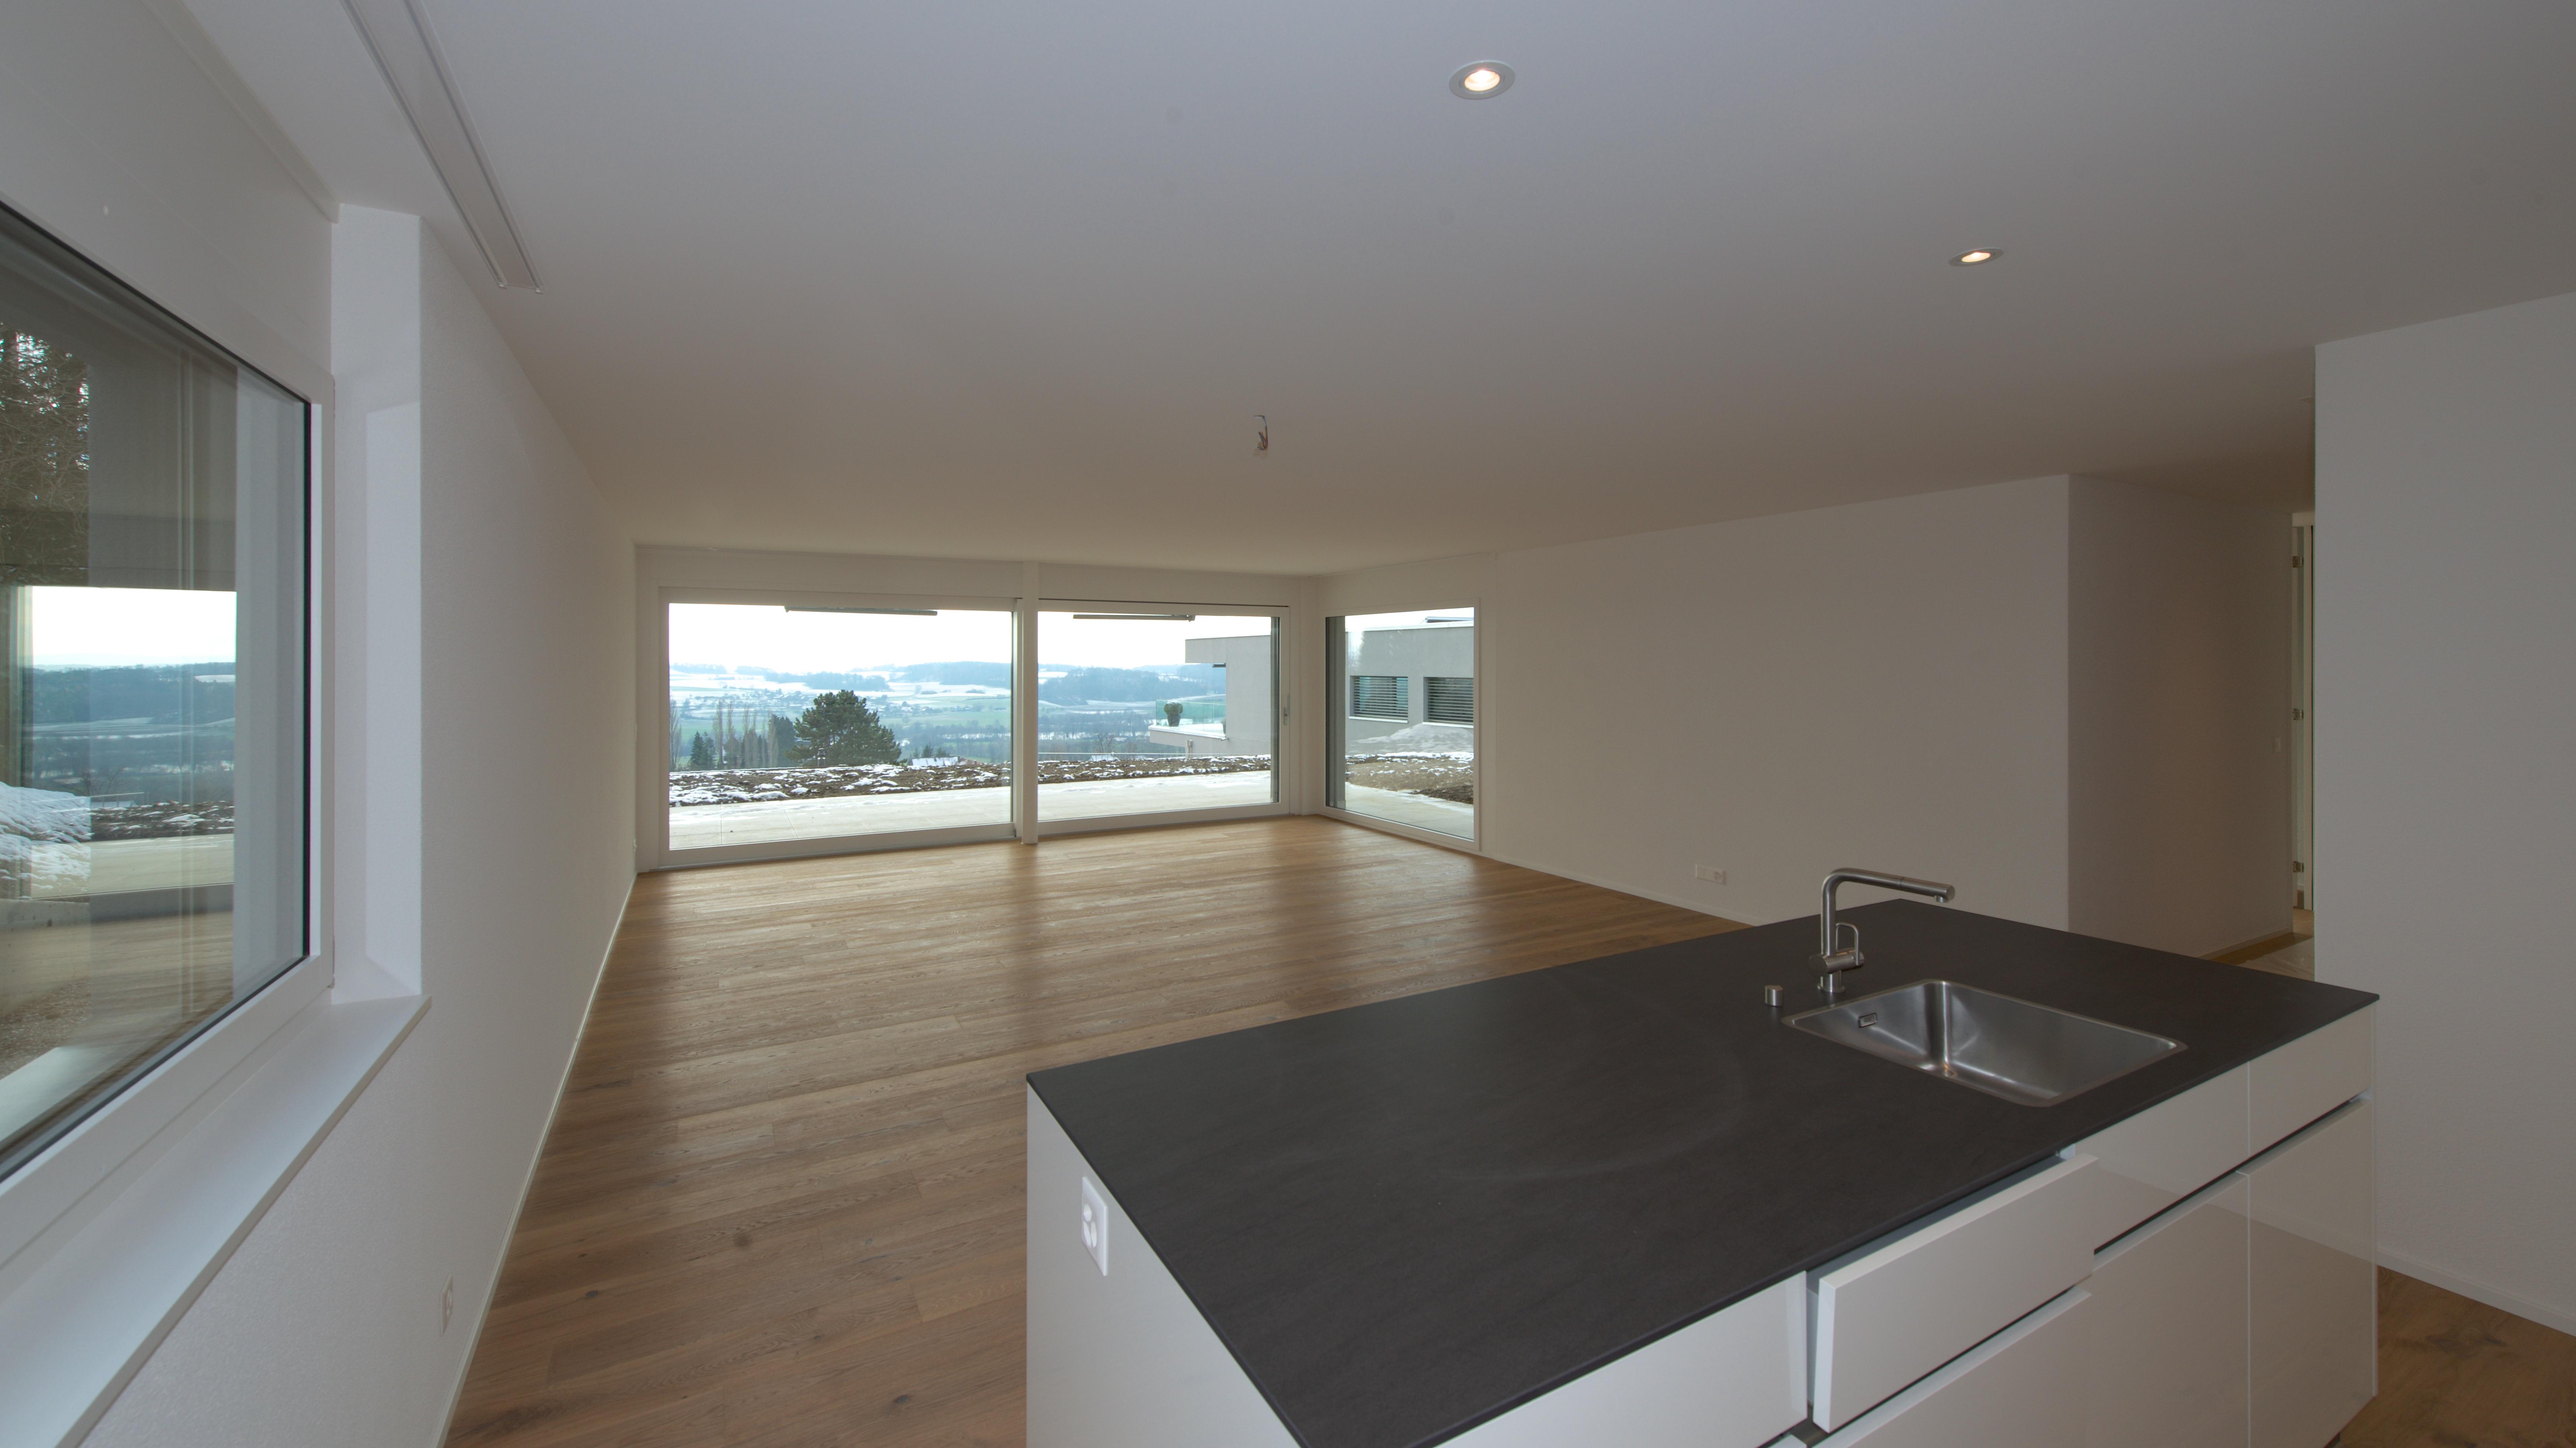 Blick über die Küche in den Wohnbereich